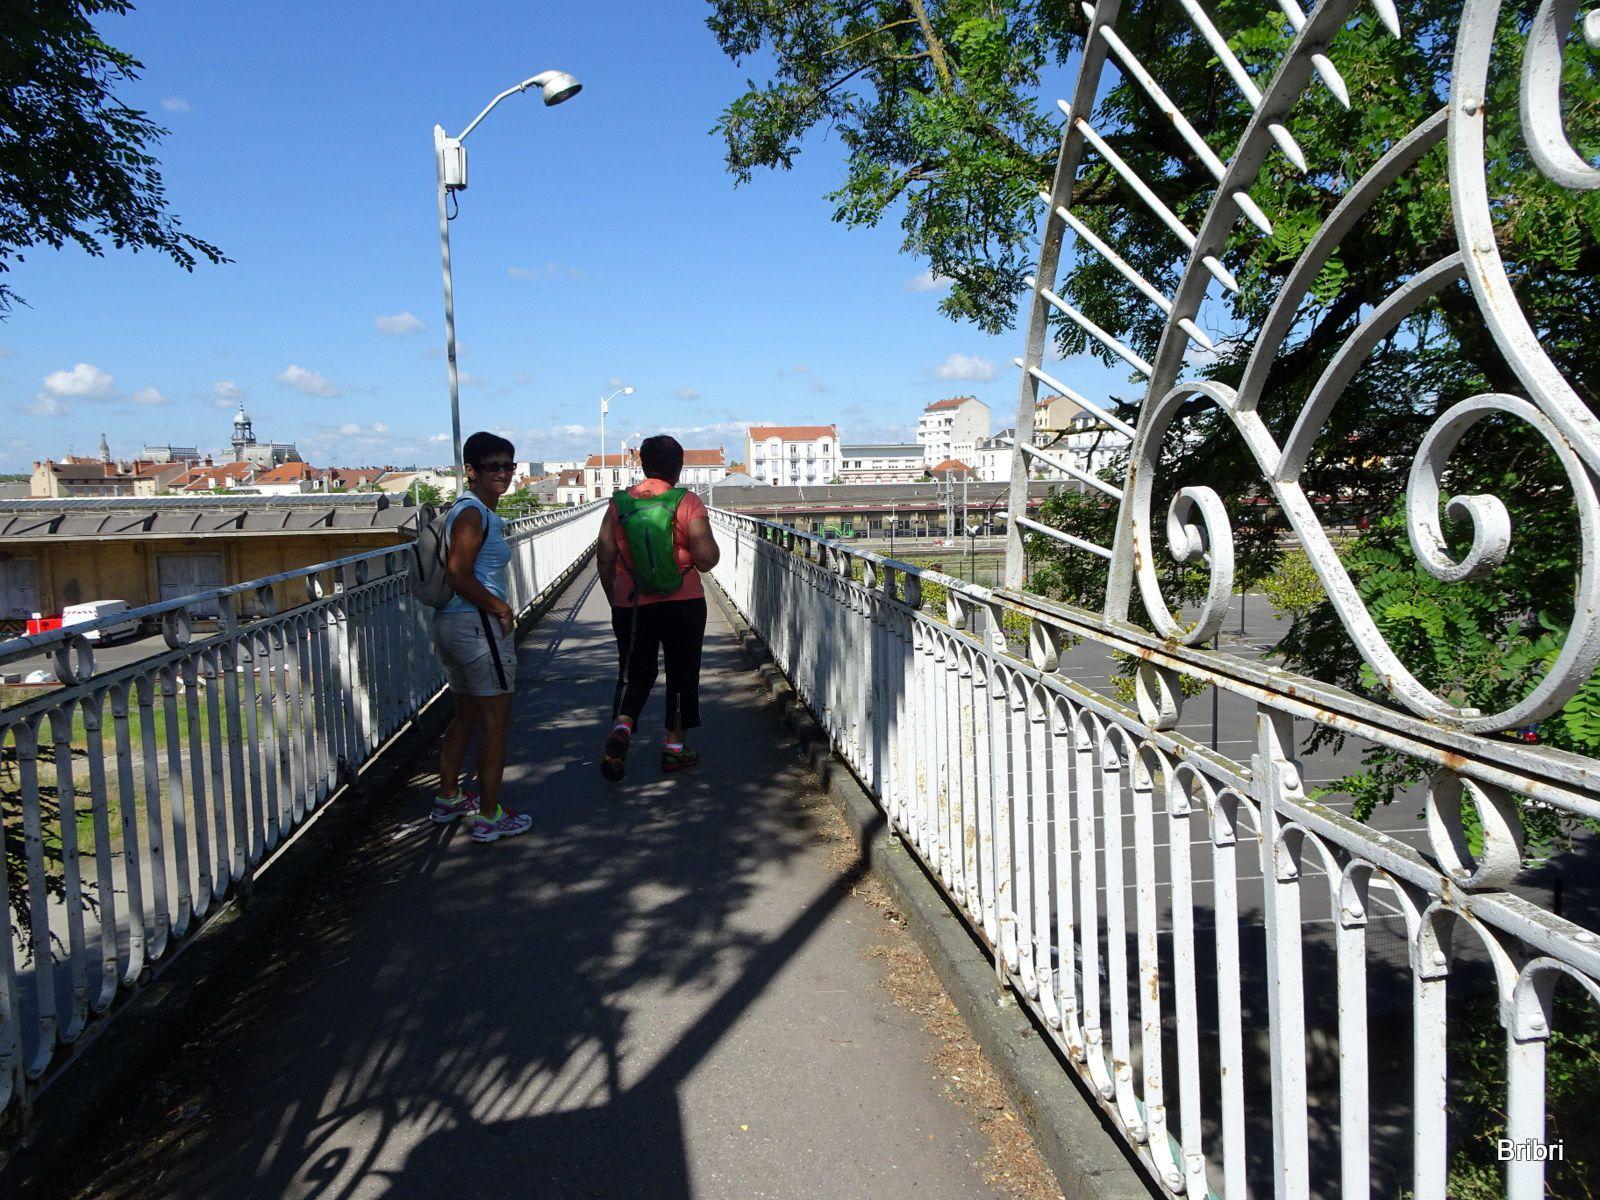 Nous traversons la ville, je retrouve le chemin que faisait ma petite fille Lisa durant ses 3 ans d'études à Vichy, elle a bien usé les roulettes de ses valises avec cet escalier.